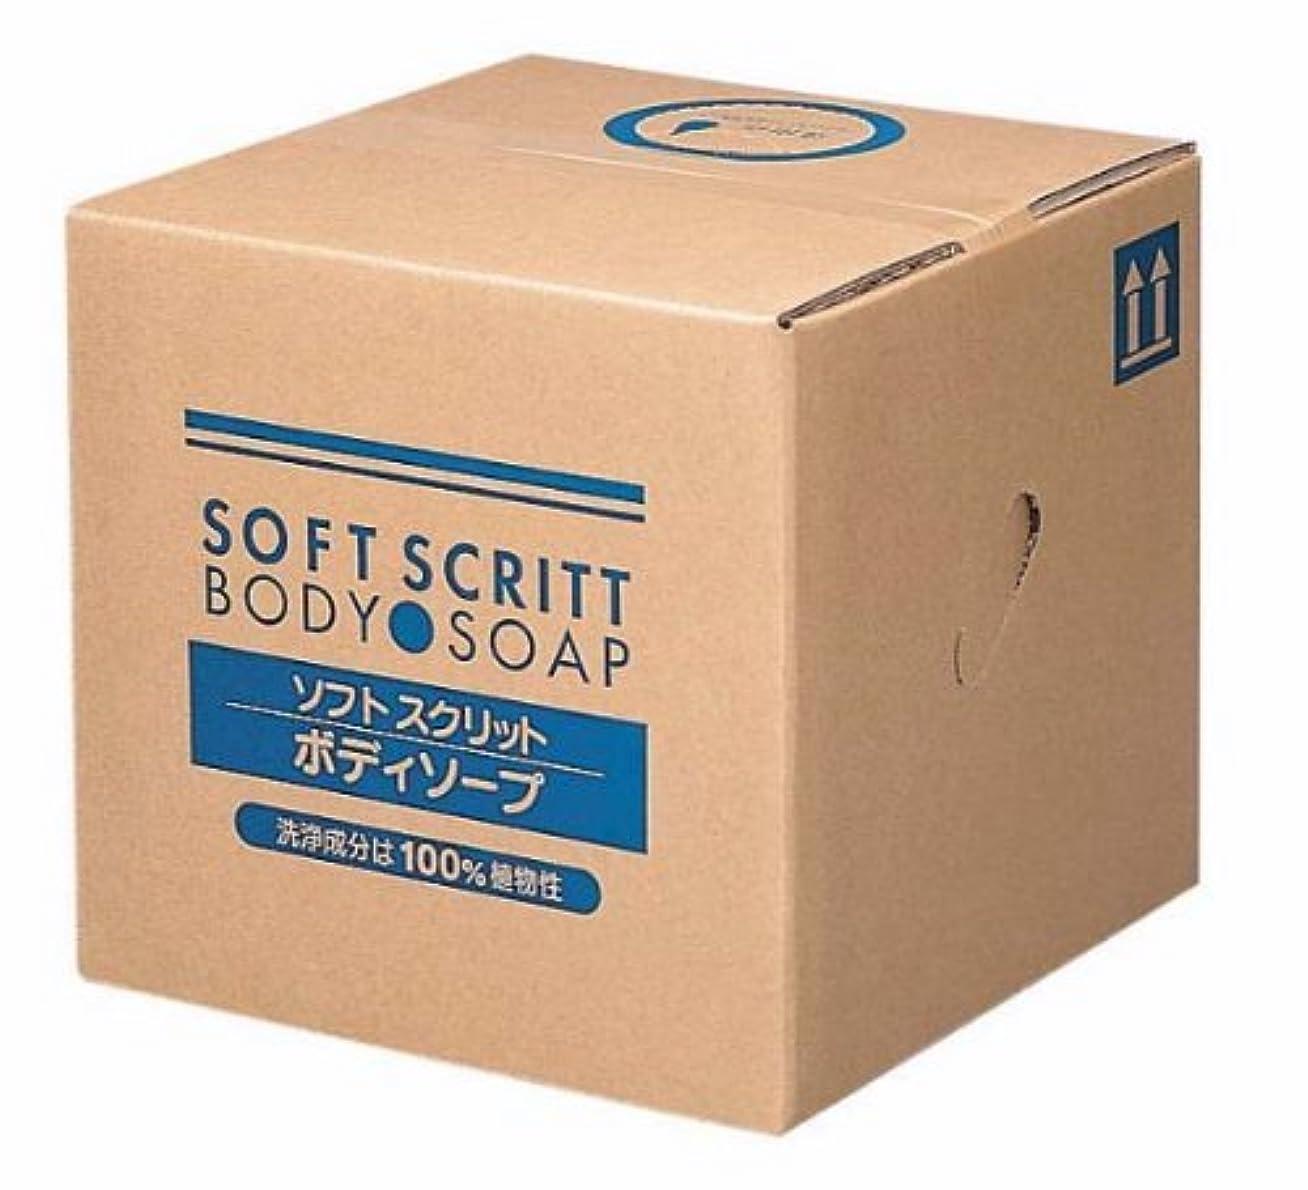 ボーナス脳証明する熊野油脂 業務用 SOFT SCRITT(ソフト スクリット) ボディソープ 18L